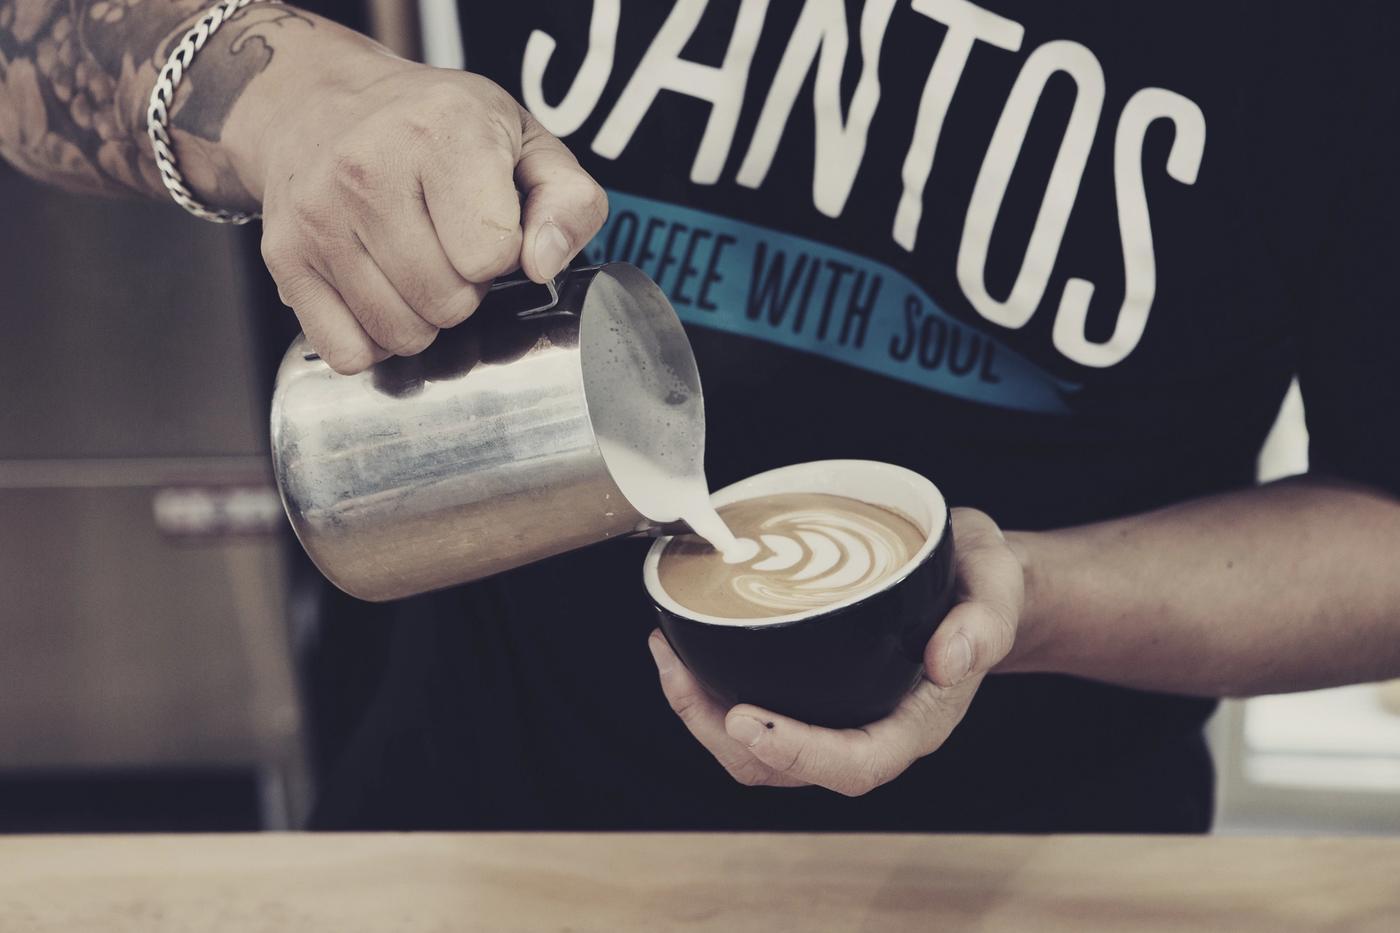 Santos Coffee Pour